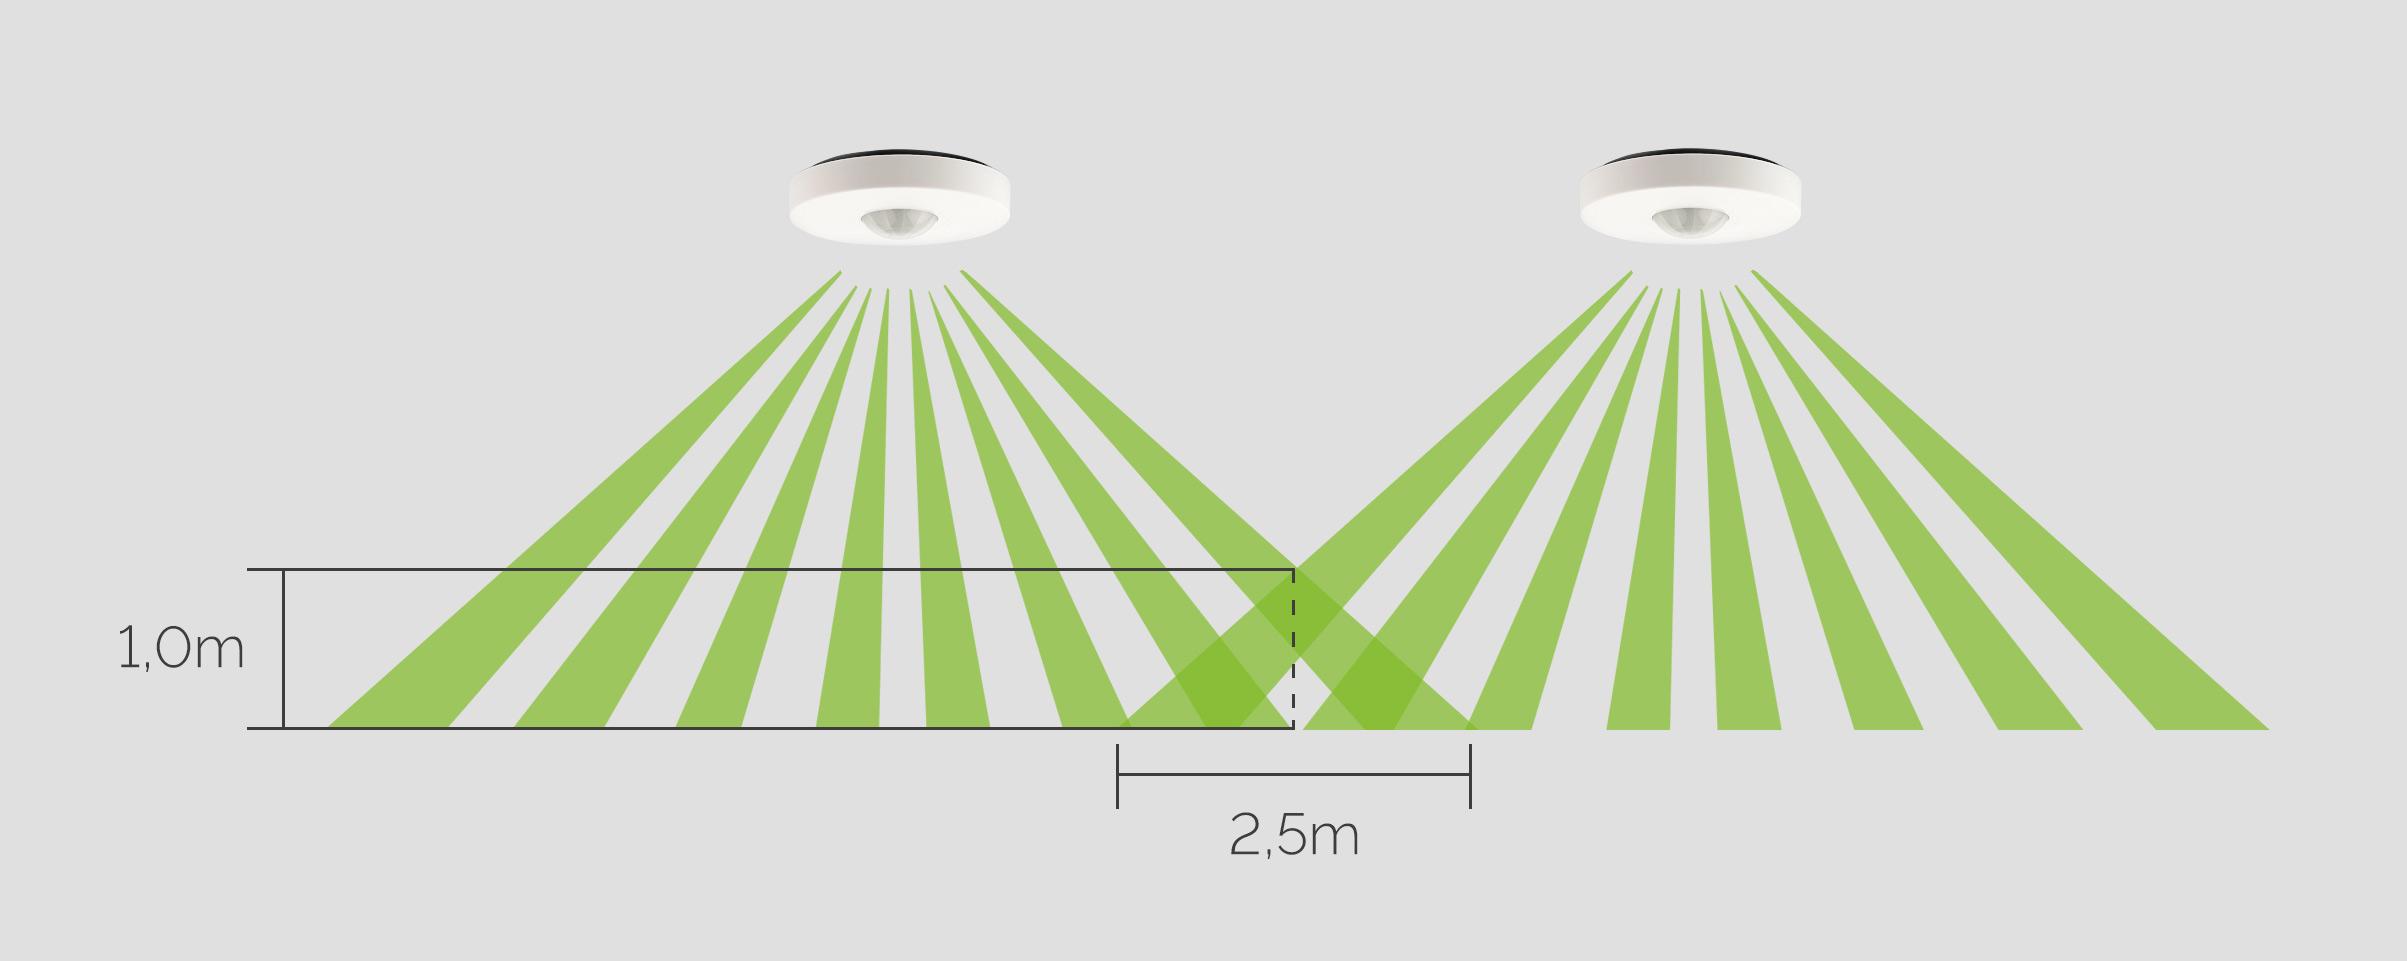 Motion-Sensor-Detektierungsbereich_3.jpg